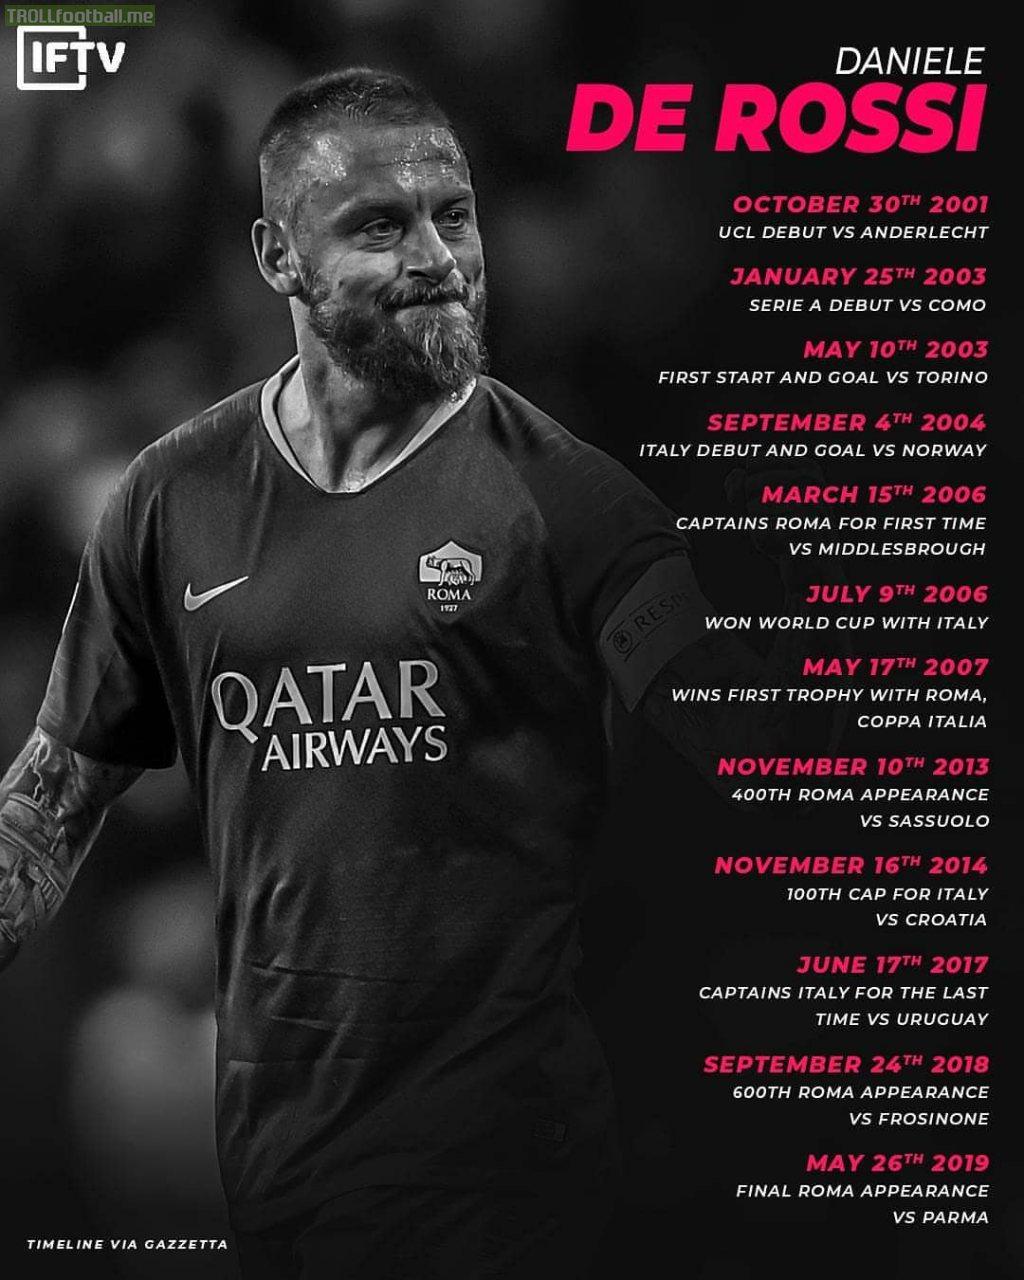 Daniele de Rossi career timeline